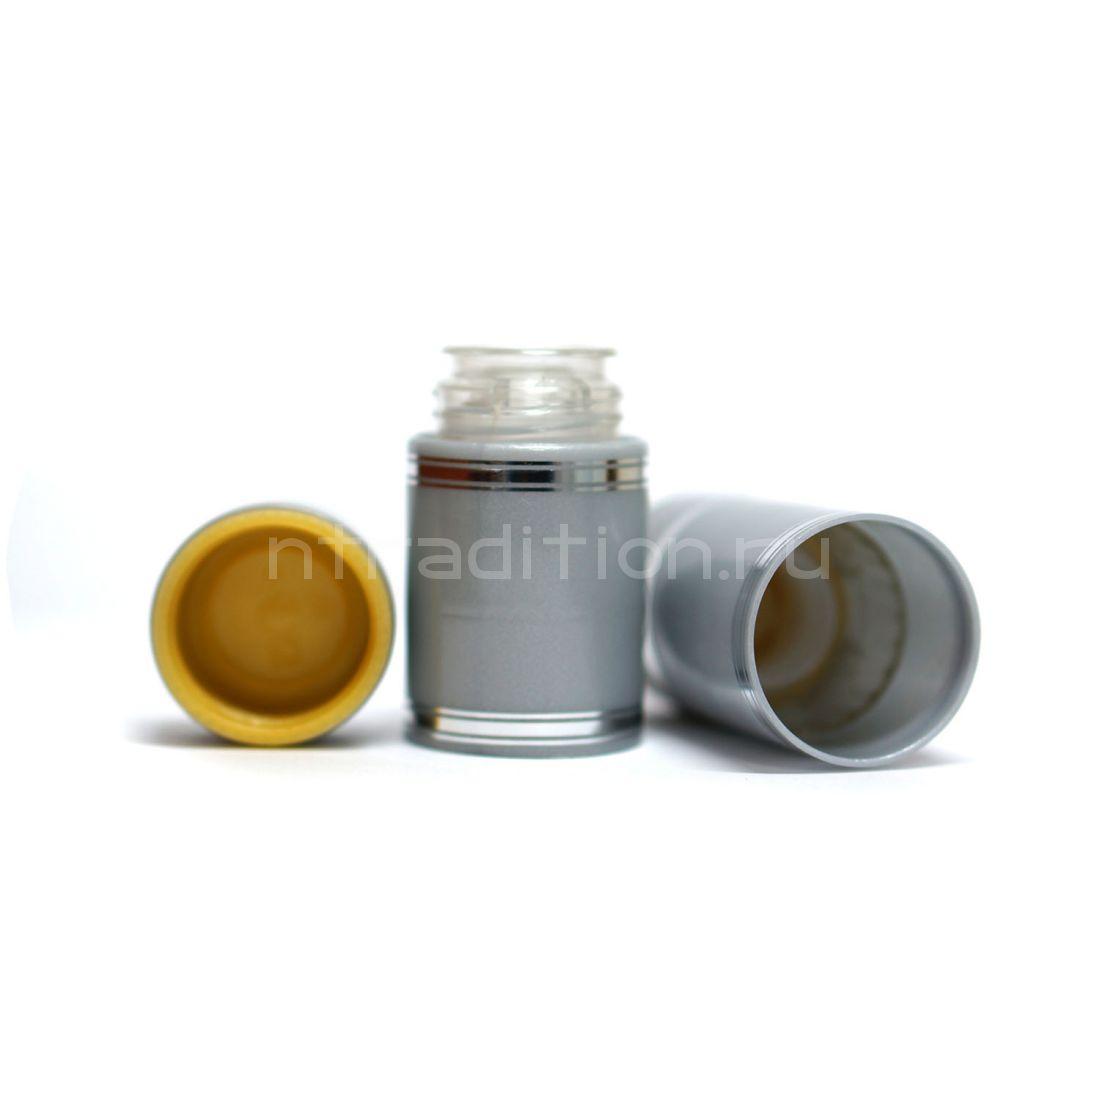 Полимерный колпачок с дозатором серебристый (Гуала 58 мм) / 10 шт